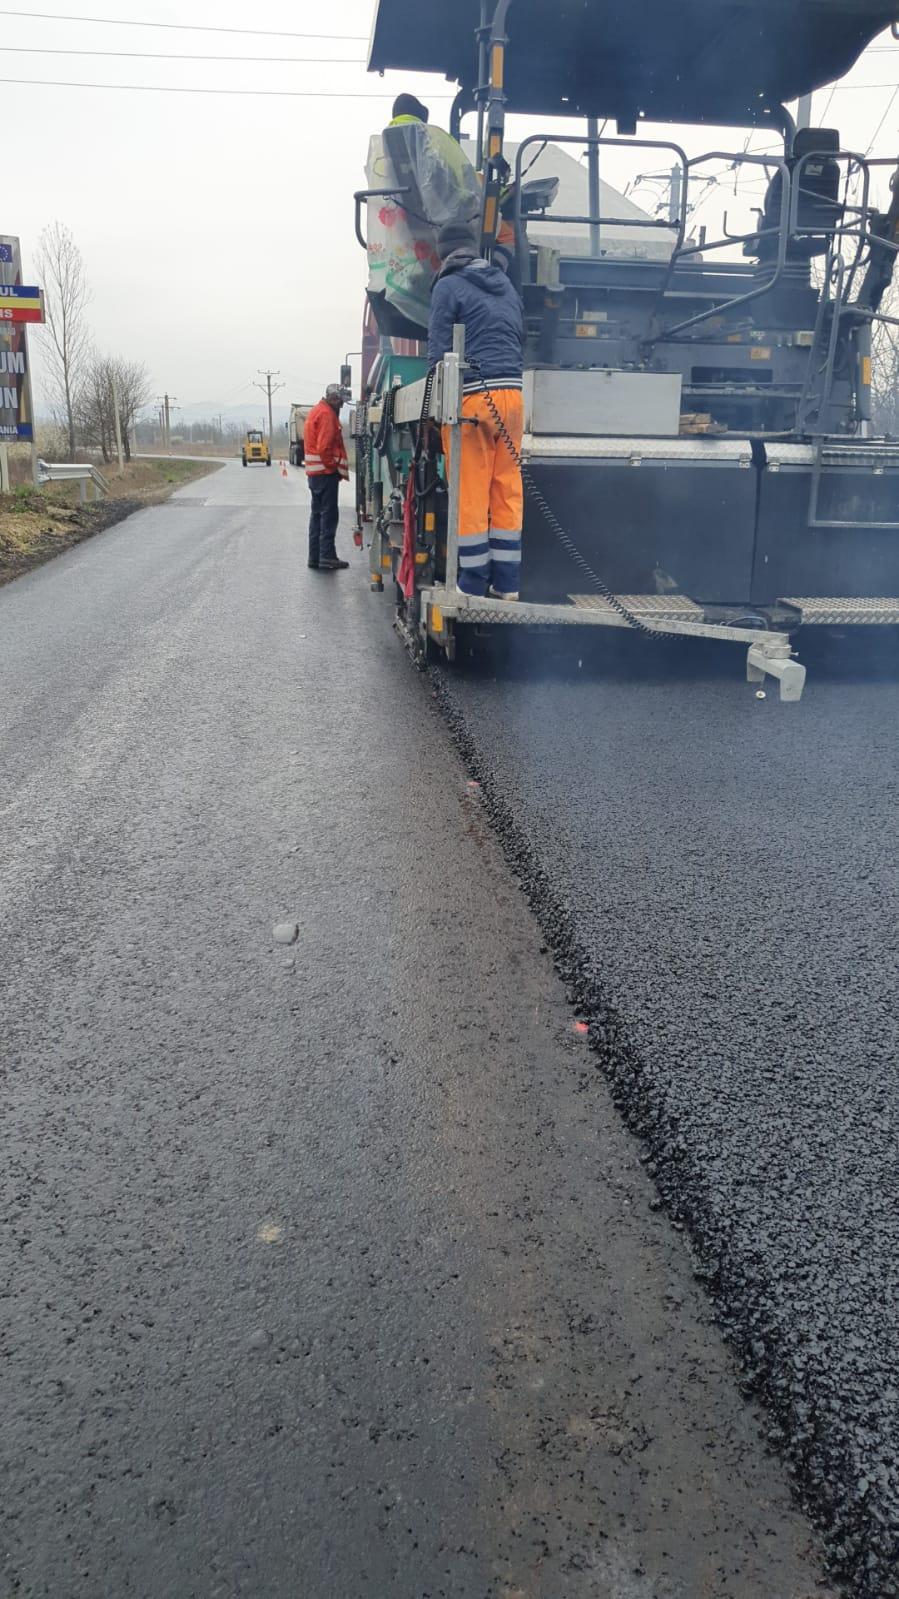 La ieșirea din Sebiș către Donceni se realizează astăzi stratul de uzură, pe șantierul Bârsa-Sebiș-Donceni-Buhani-Dezna-Rănușa-Moneasa-limită județ Bihor